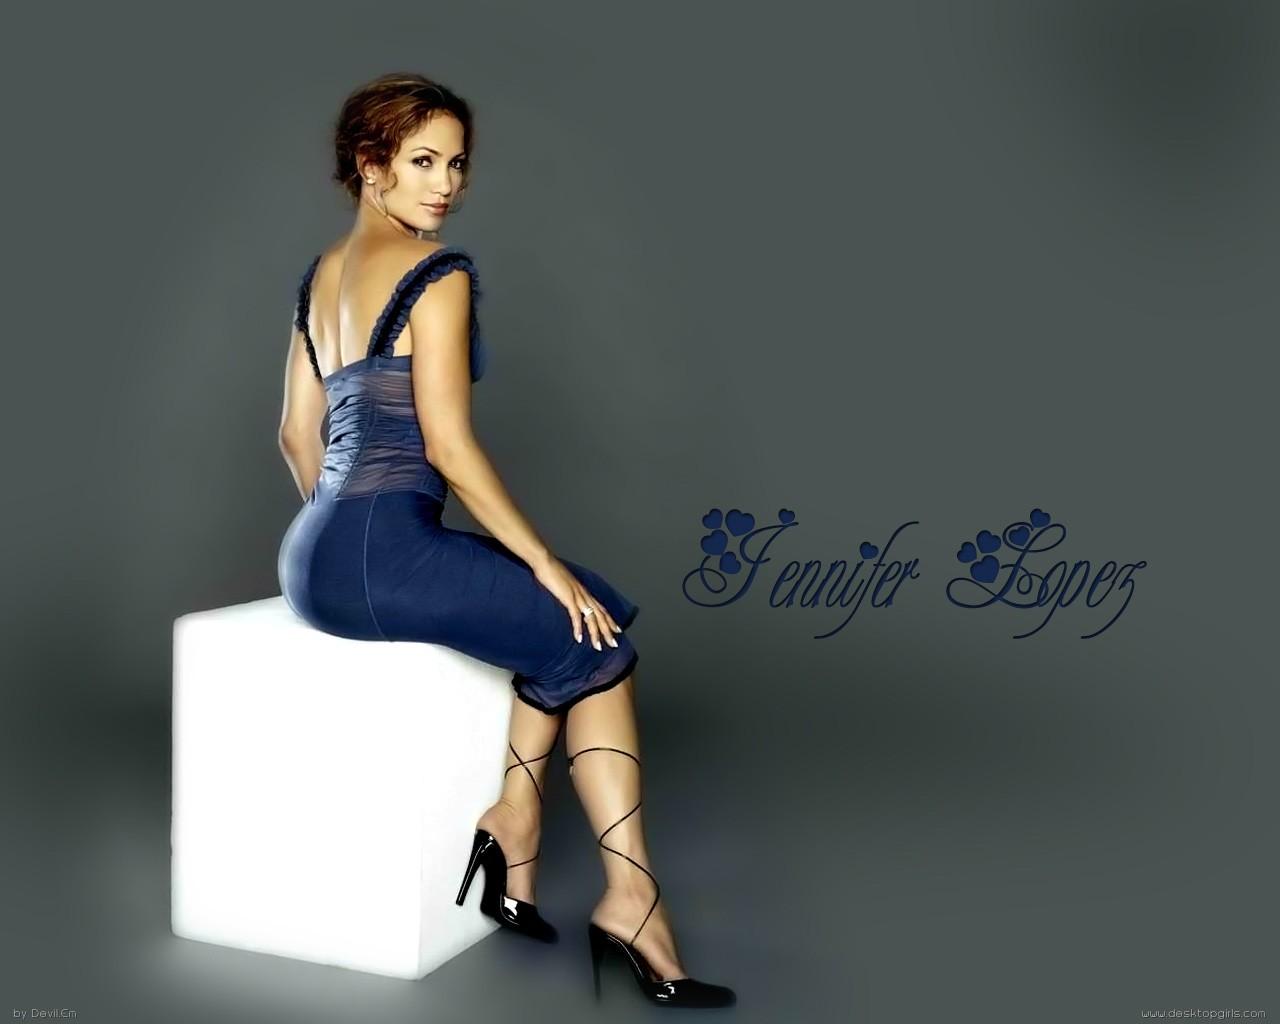 Rocio Santana Birthday Song Jennifer Lopez hot pics